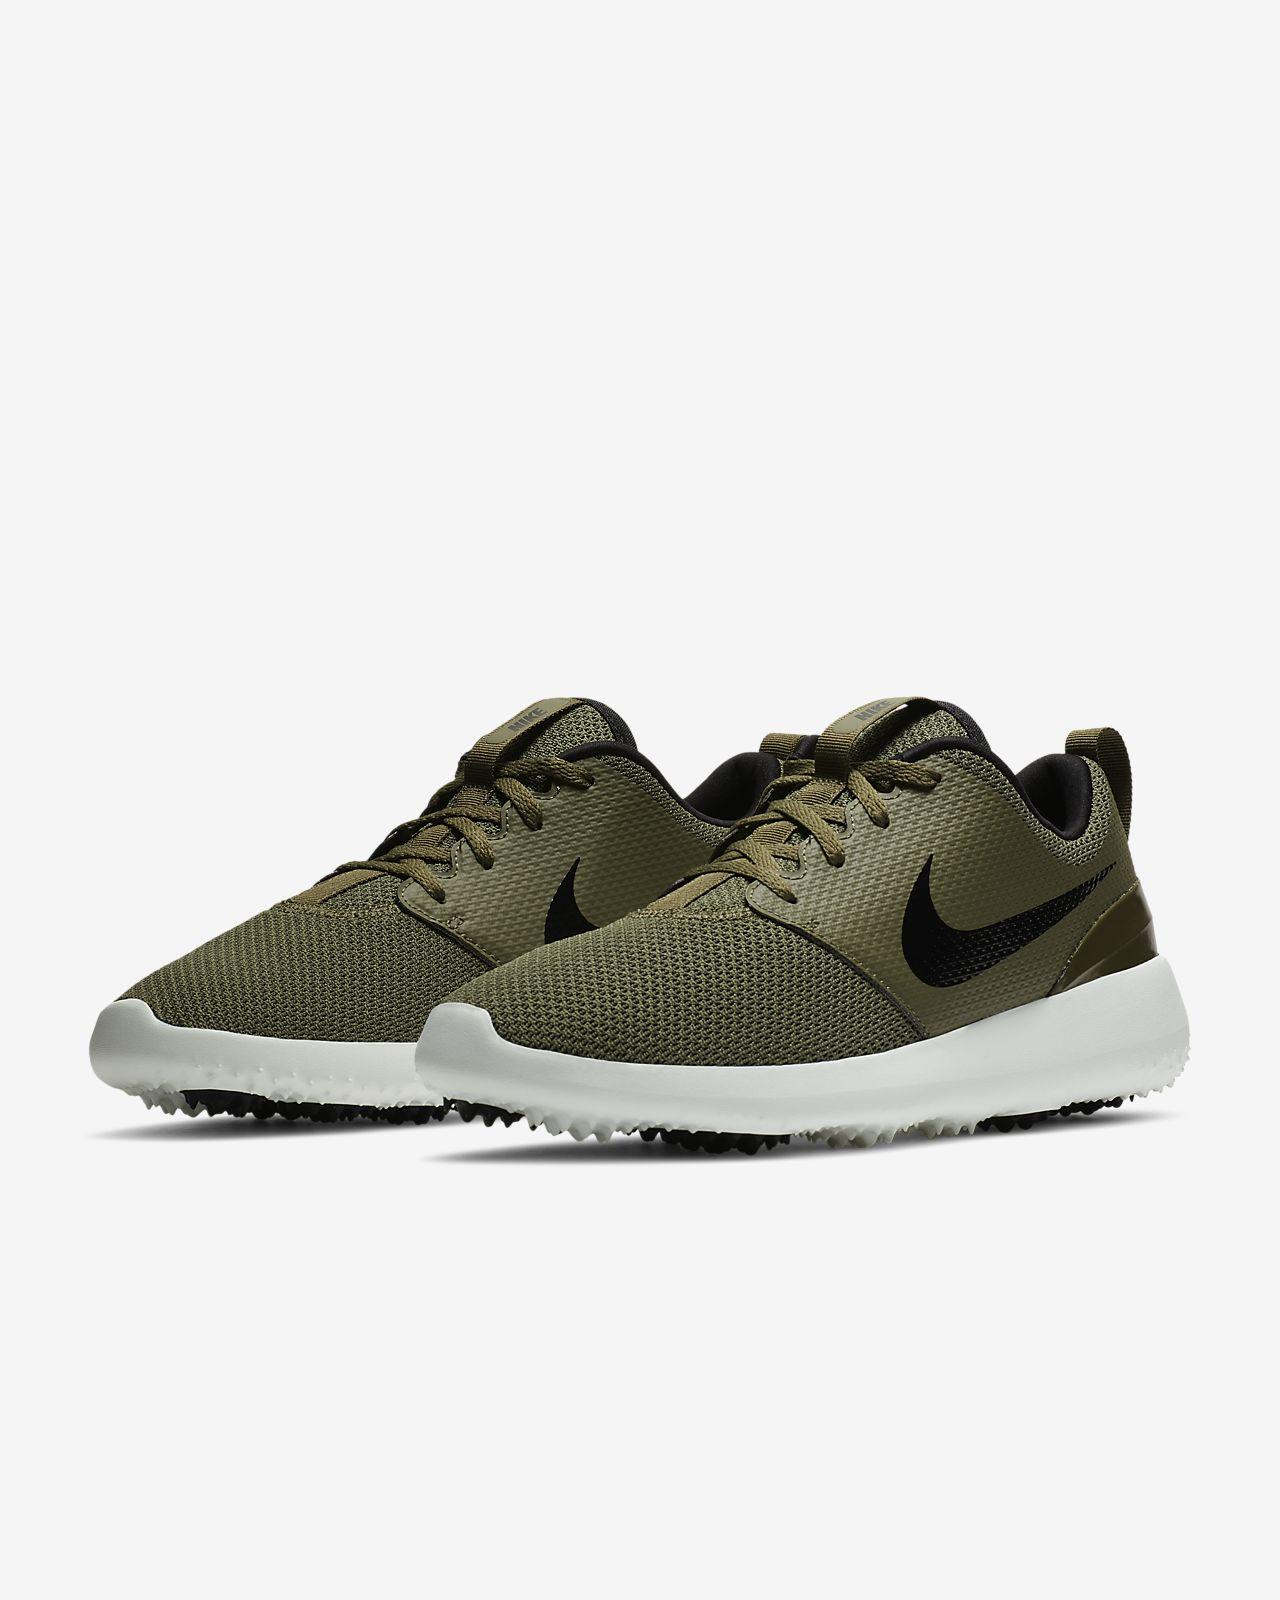 best service 41a87 67a13 ... Nike Roshe G-golfsko til mænd